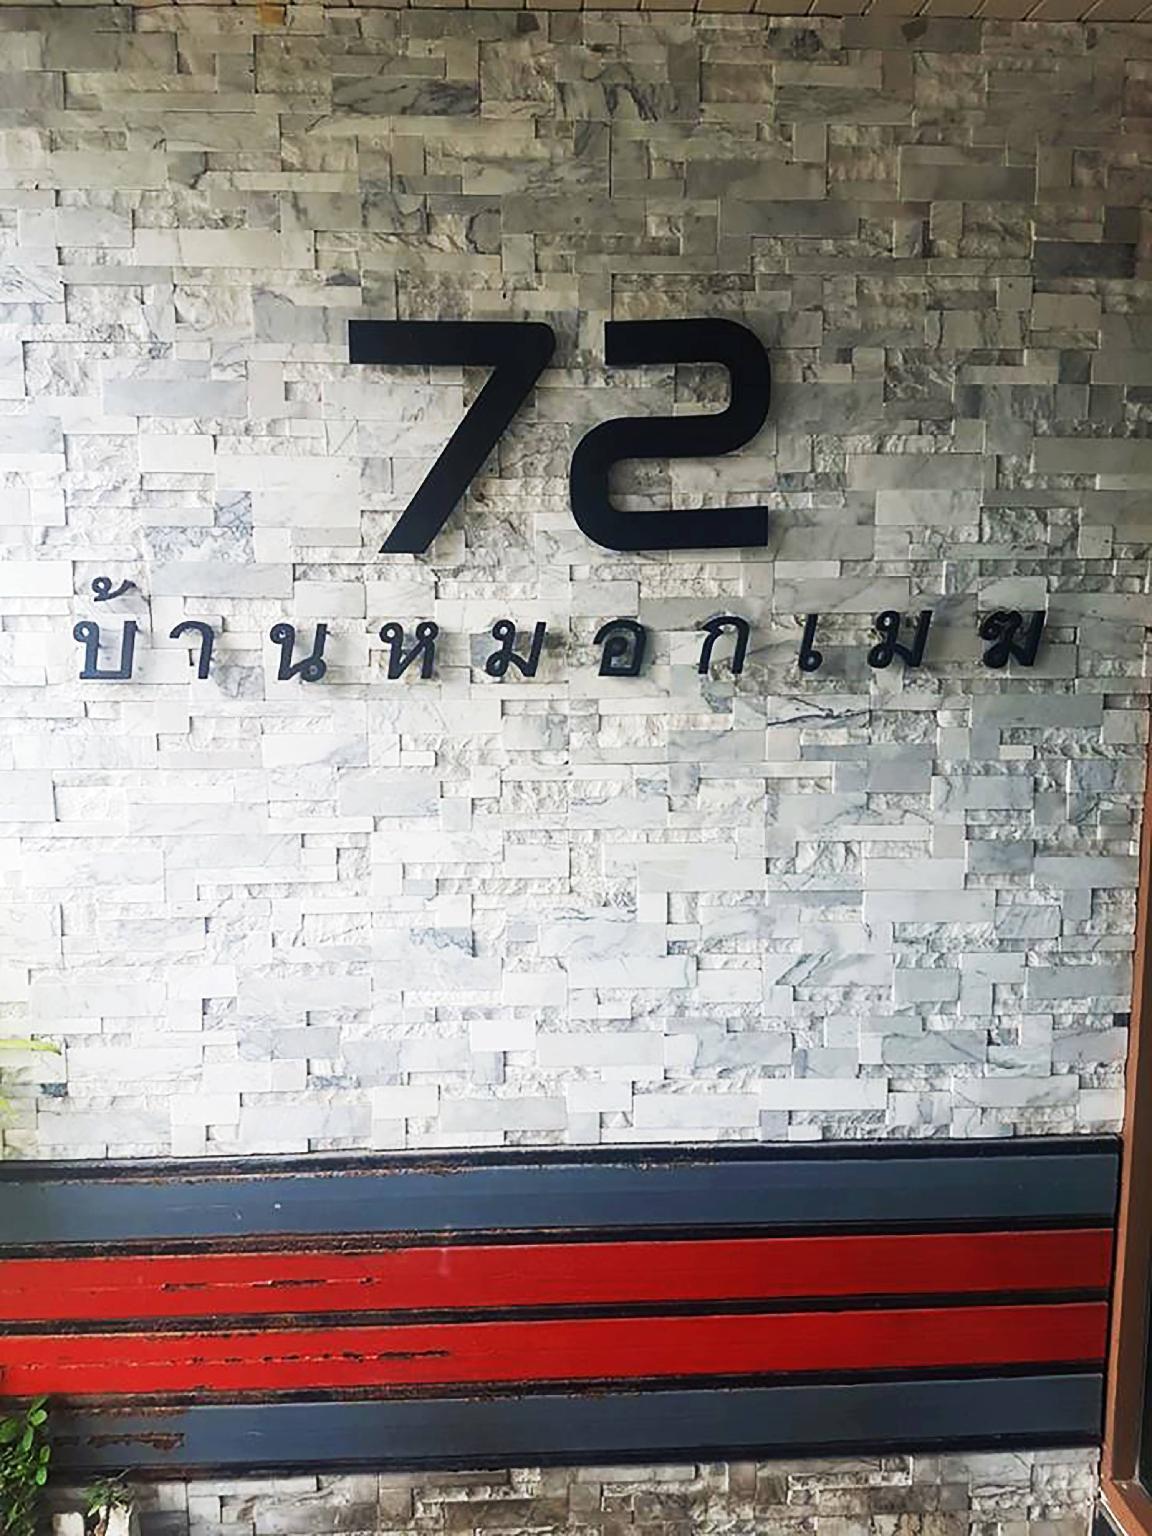 Mok Mek 72 Discount